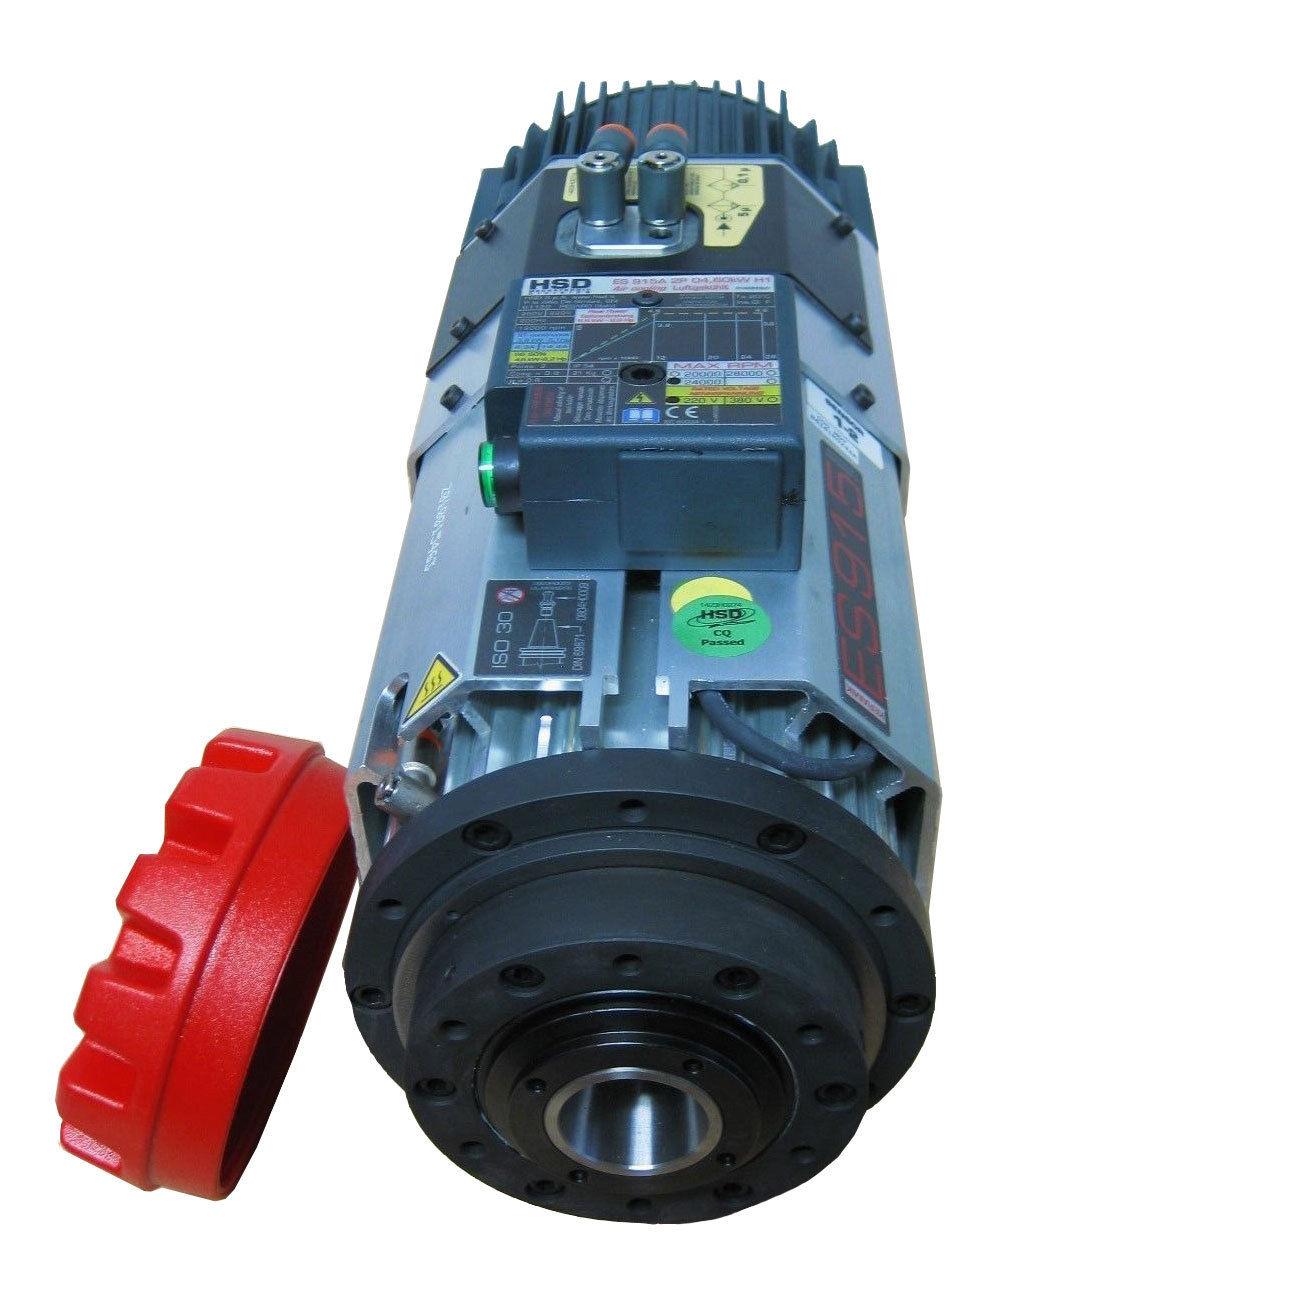 Hsd Es915 5hp Atc Spindle Motor A6161h0309 Cnc Parts Dept Inc